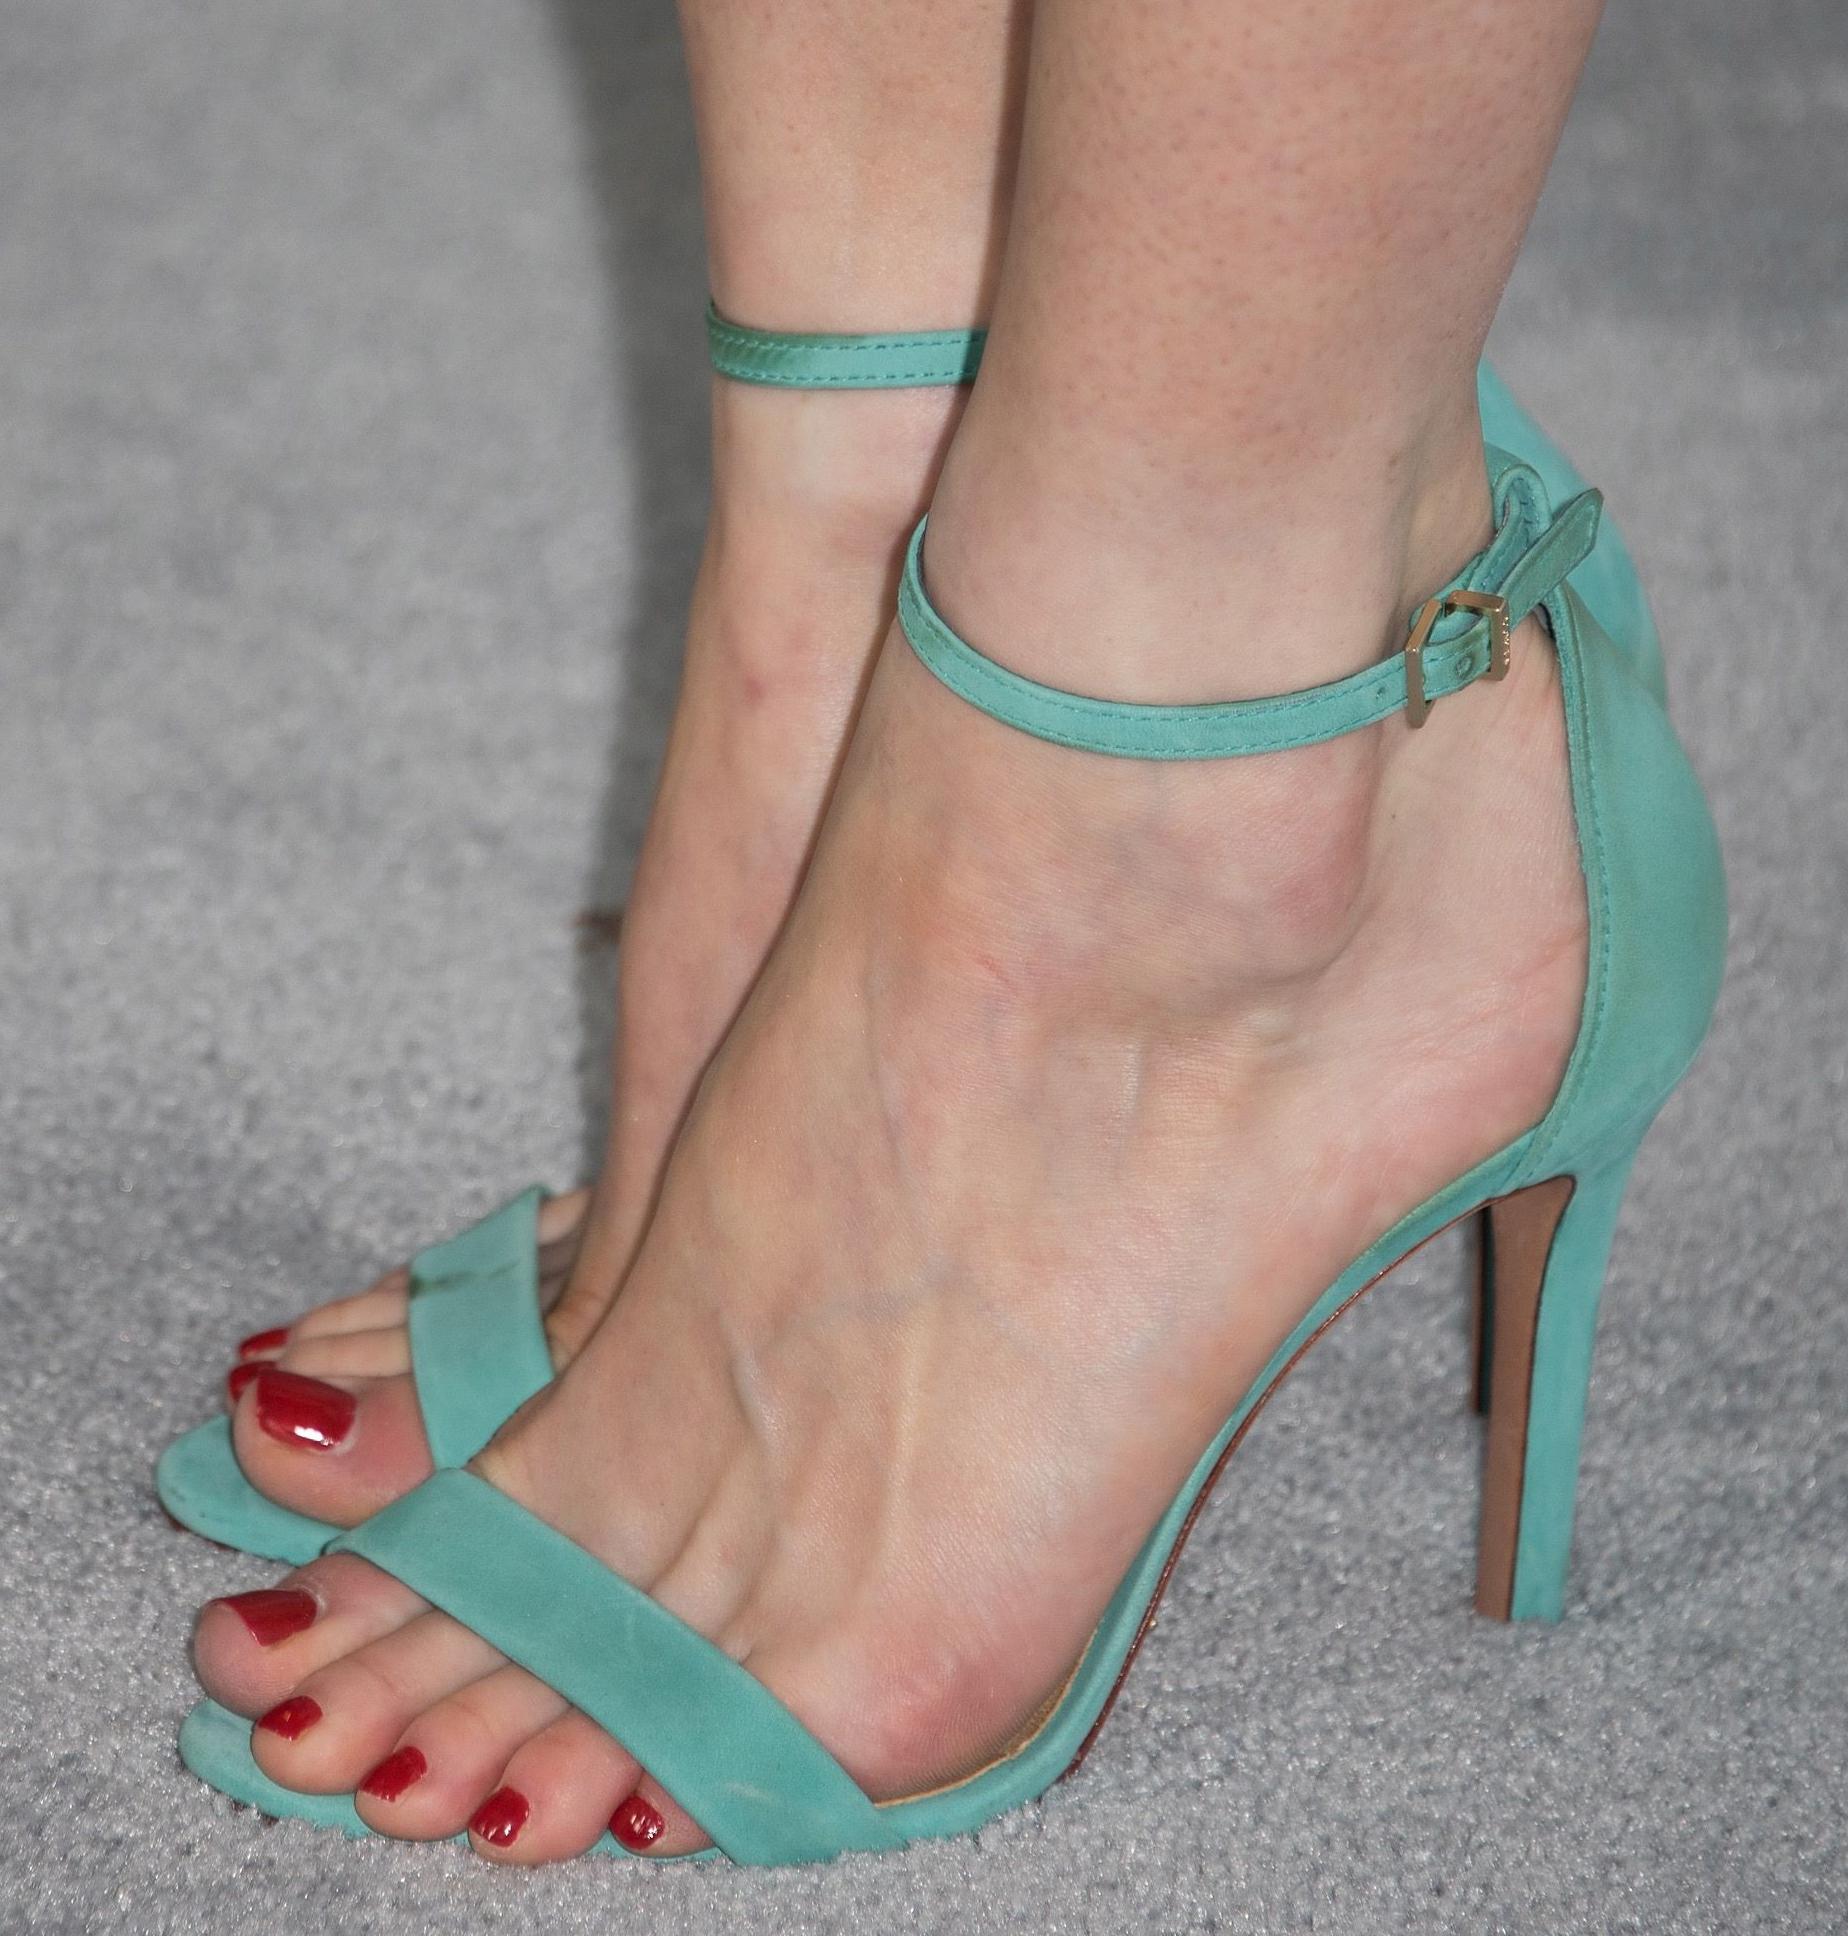 Alexis Bledel's Feet